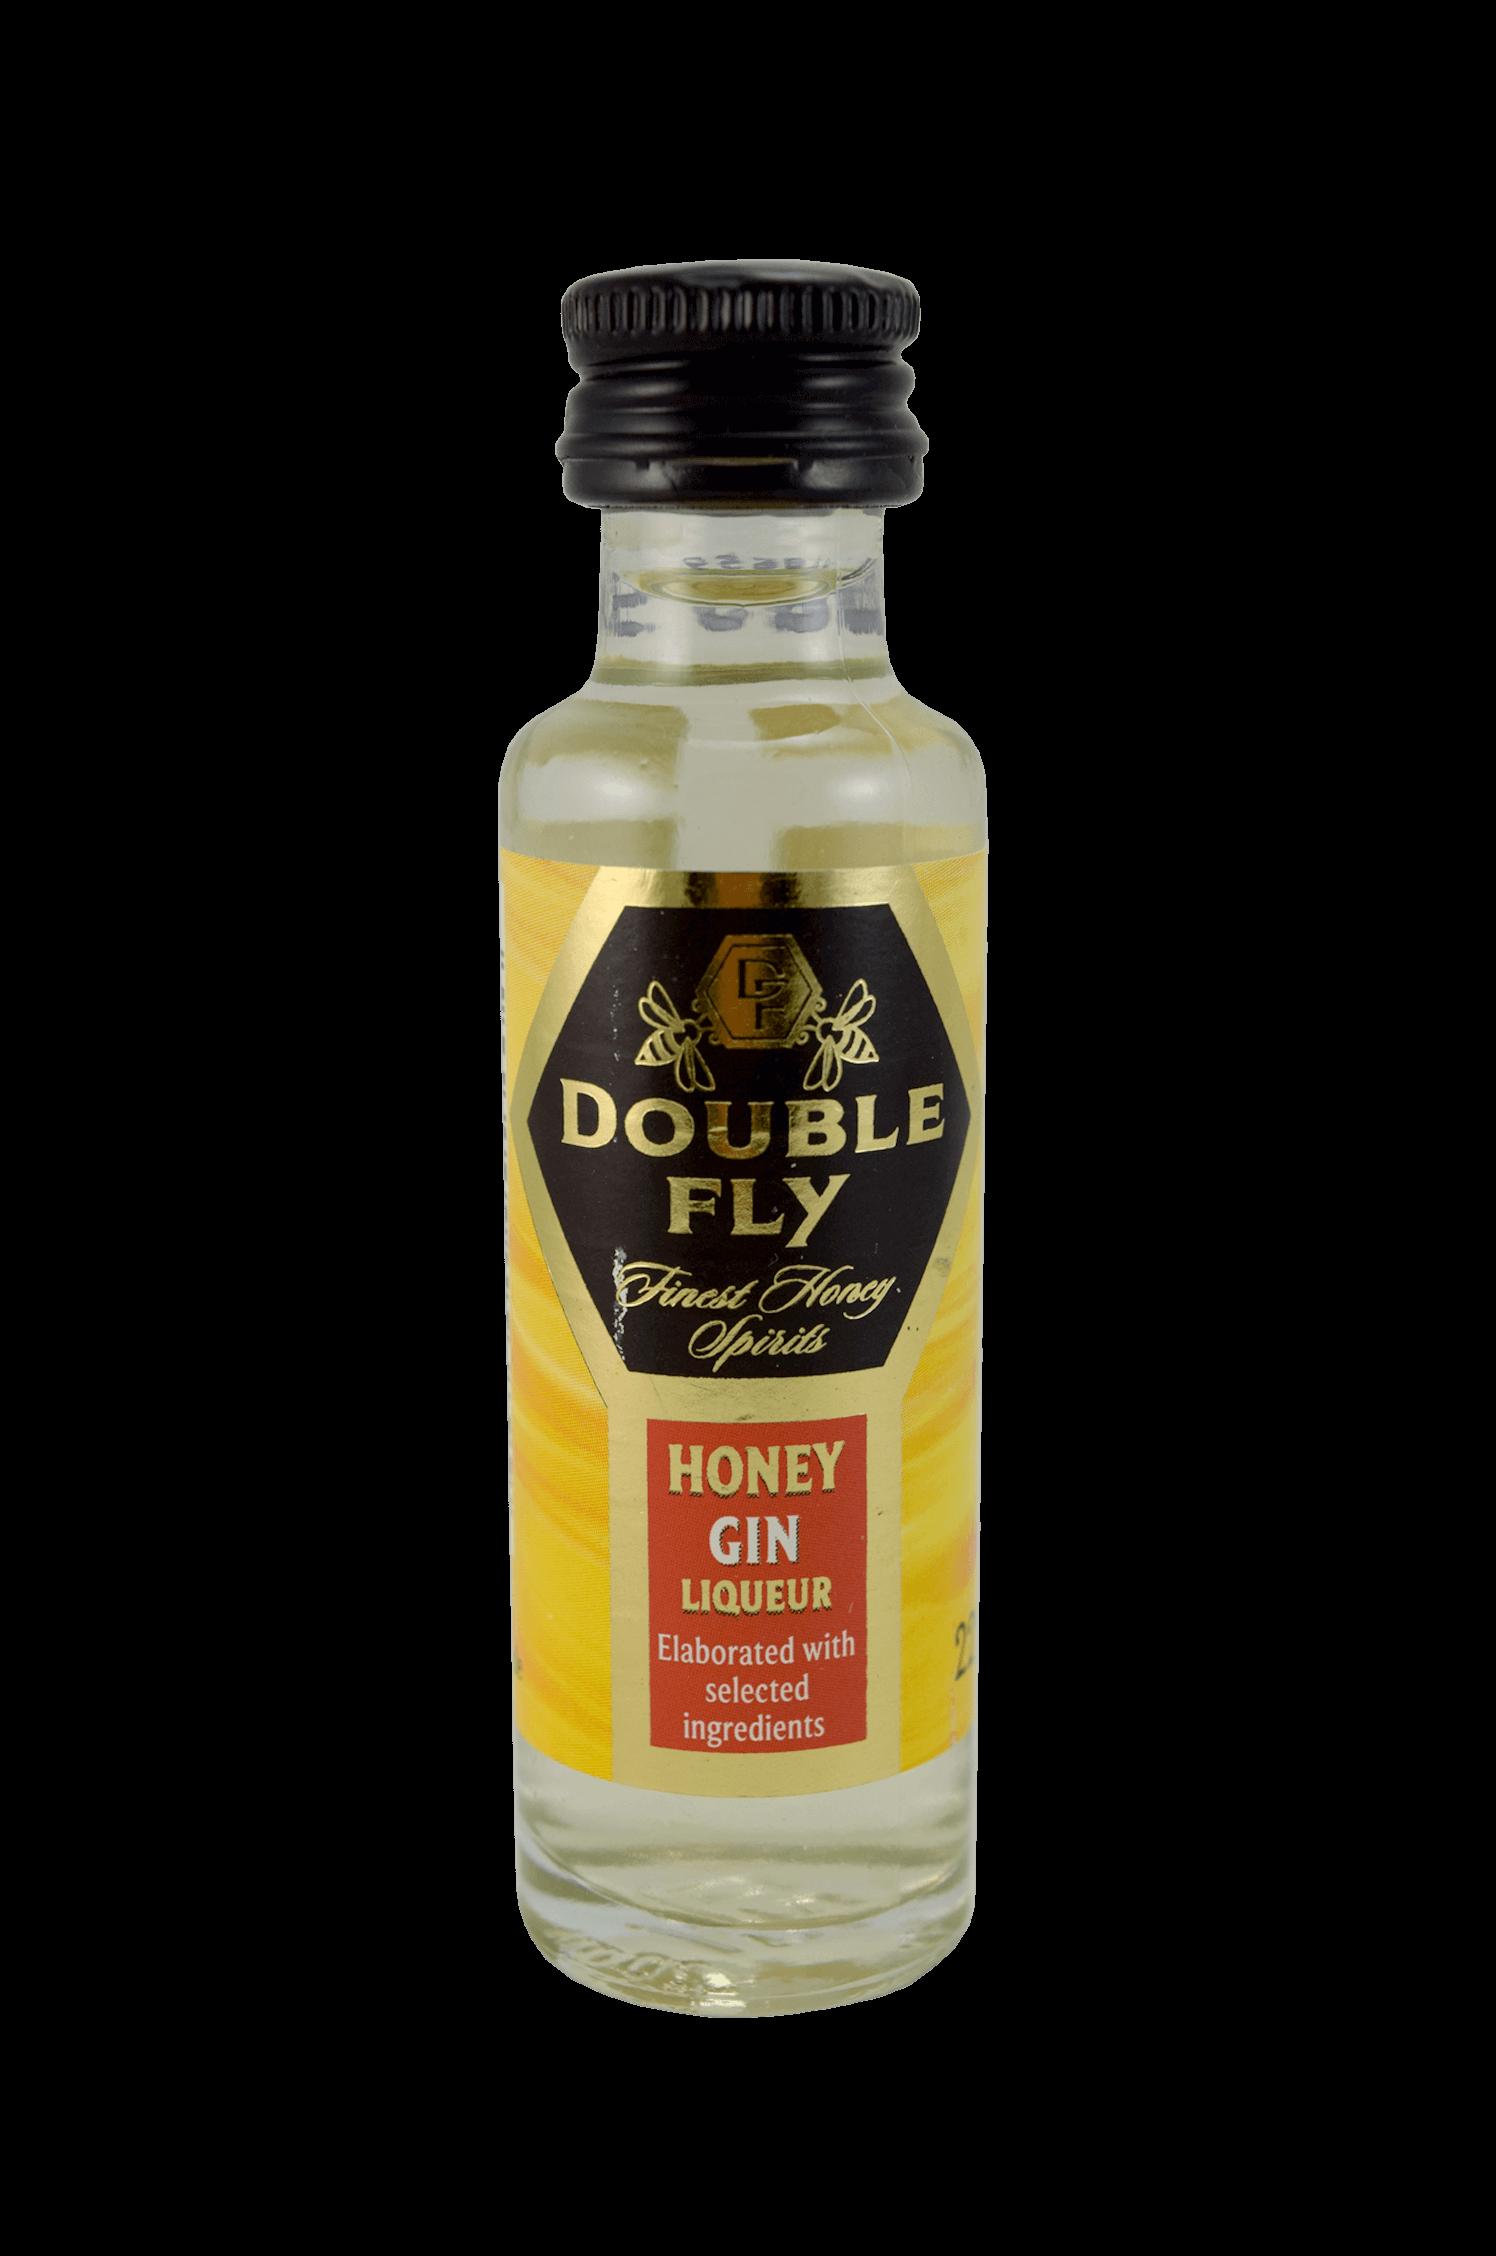 Honey Gin Liqueur